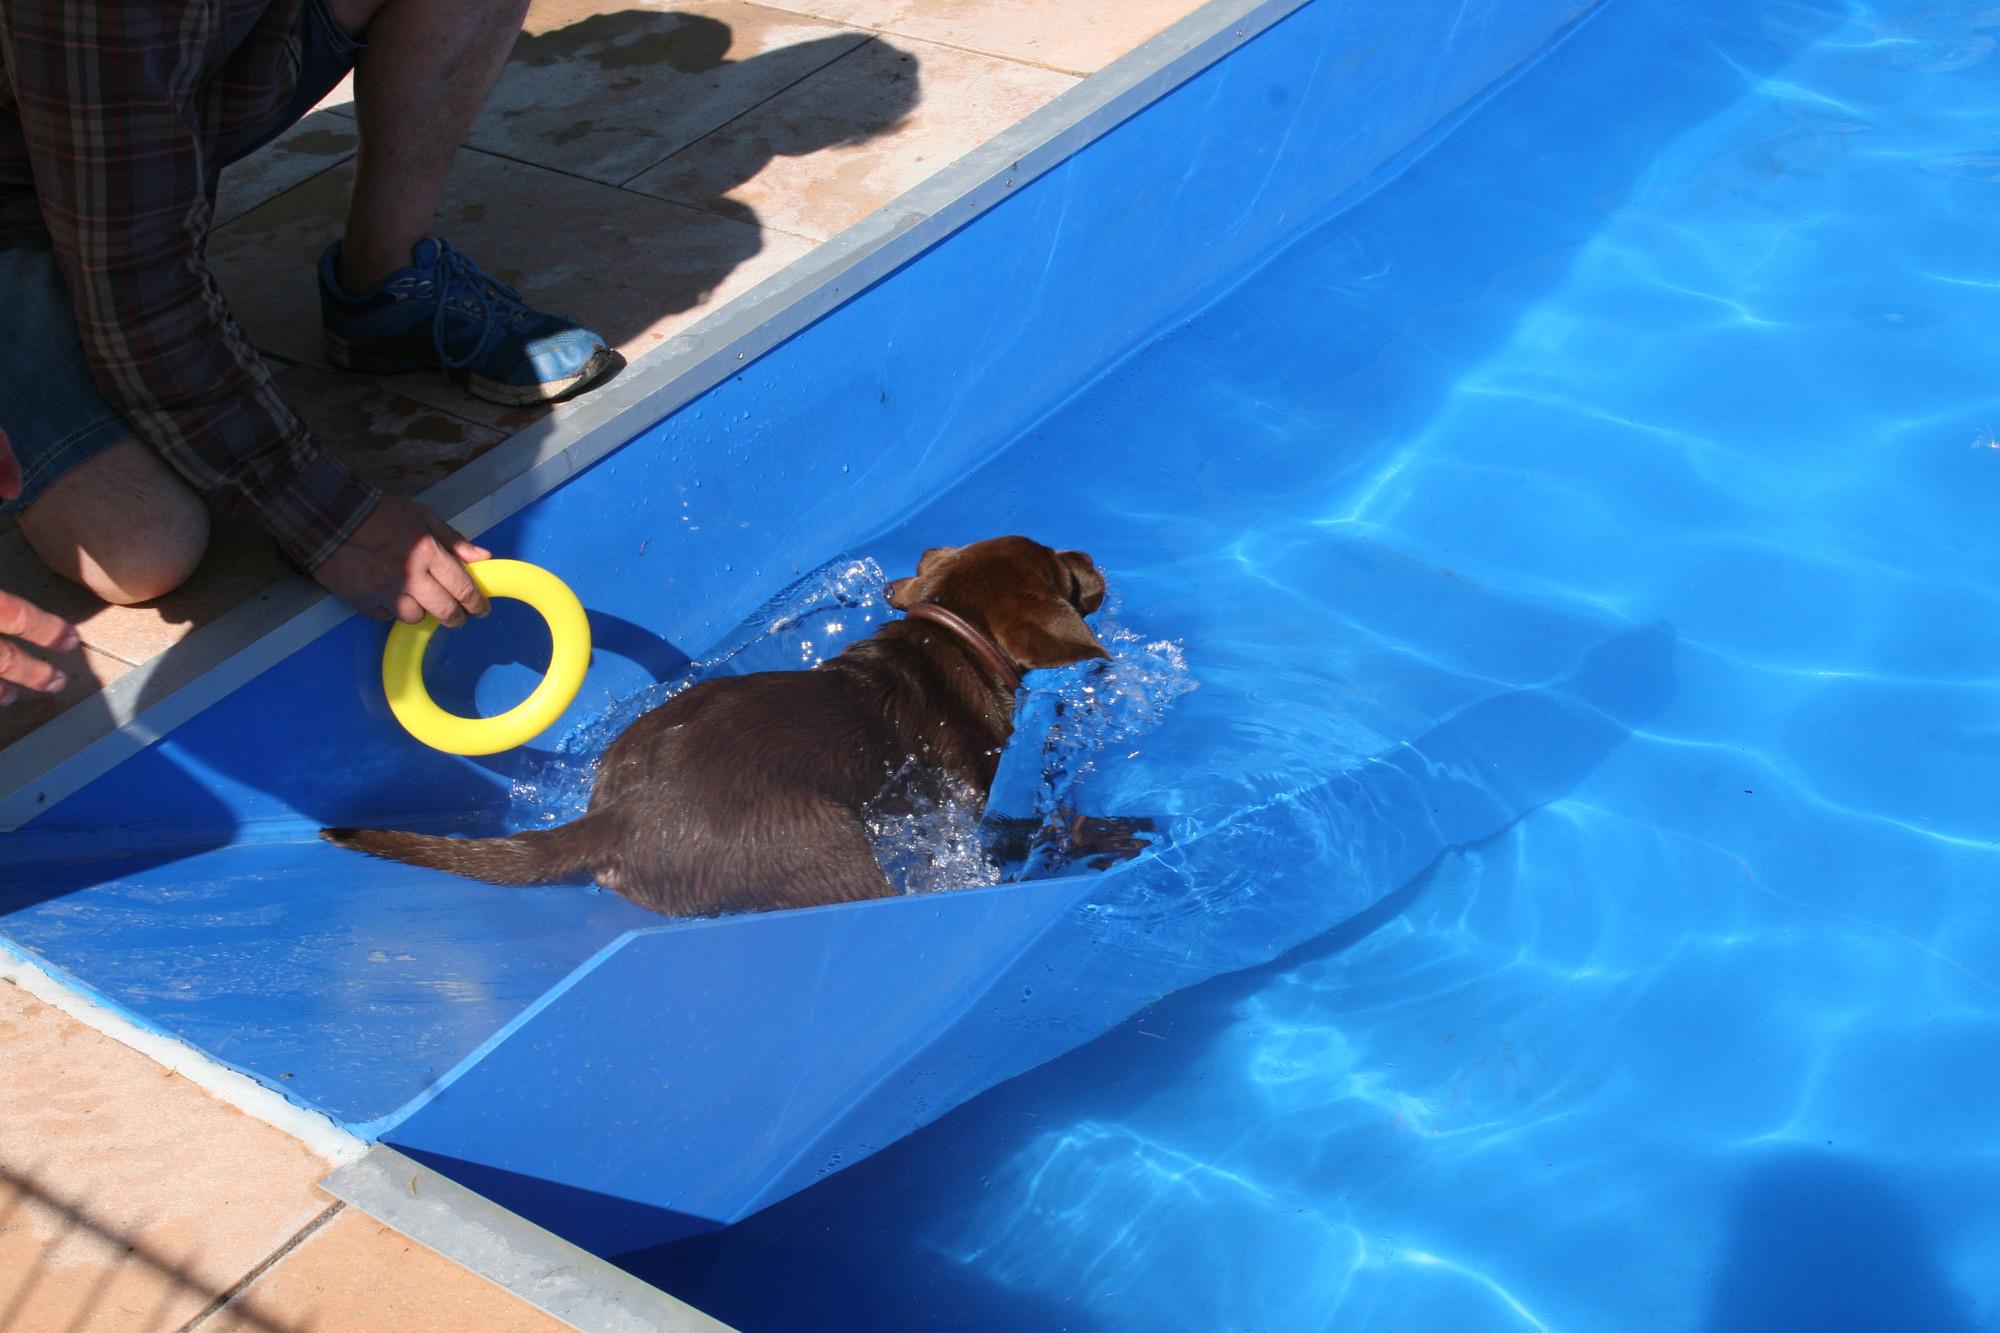 Unser Hundeschwimmbad Ist 6 X 3 Meter Lang Und Ca. 1 M Tief. So Können Sie  Bequem Neben Ihrem Hund Laufen, Während Dieser Das Kühle Nass Genießt.